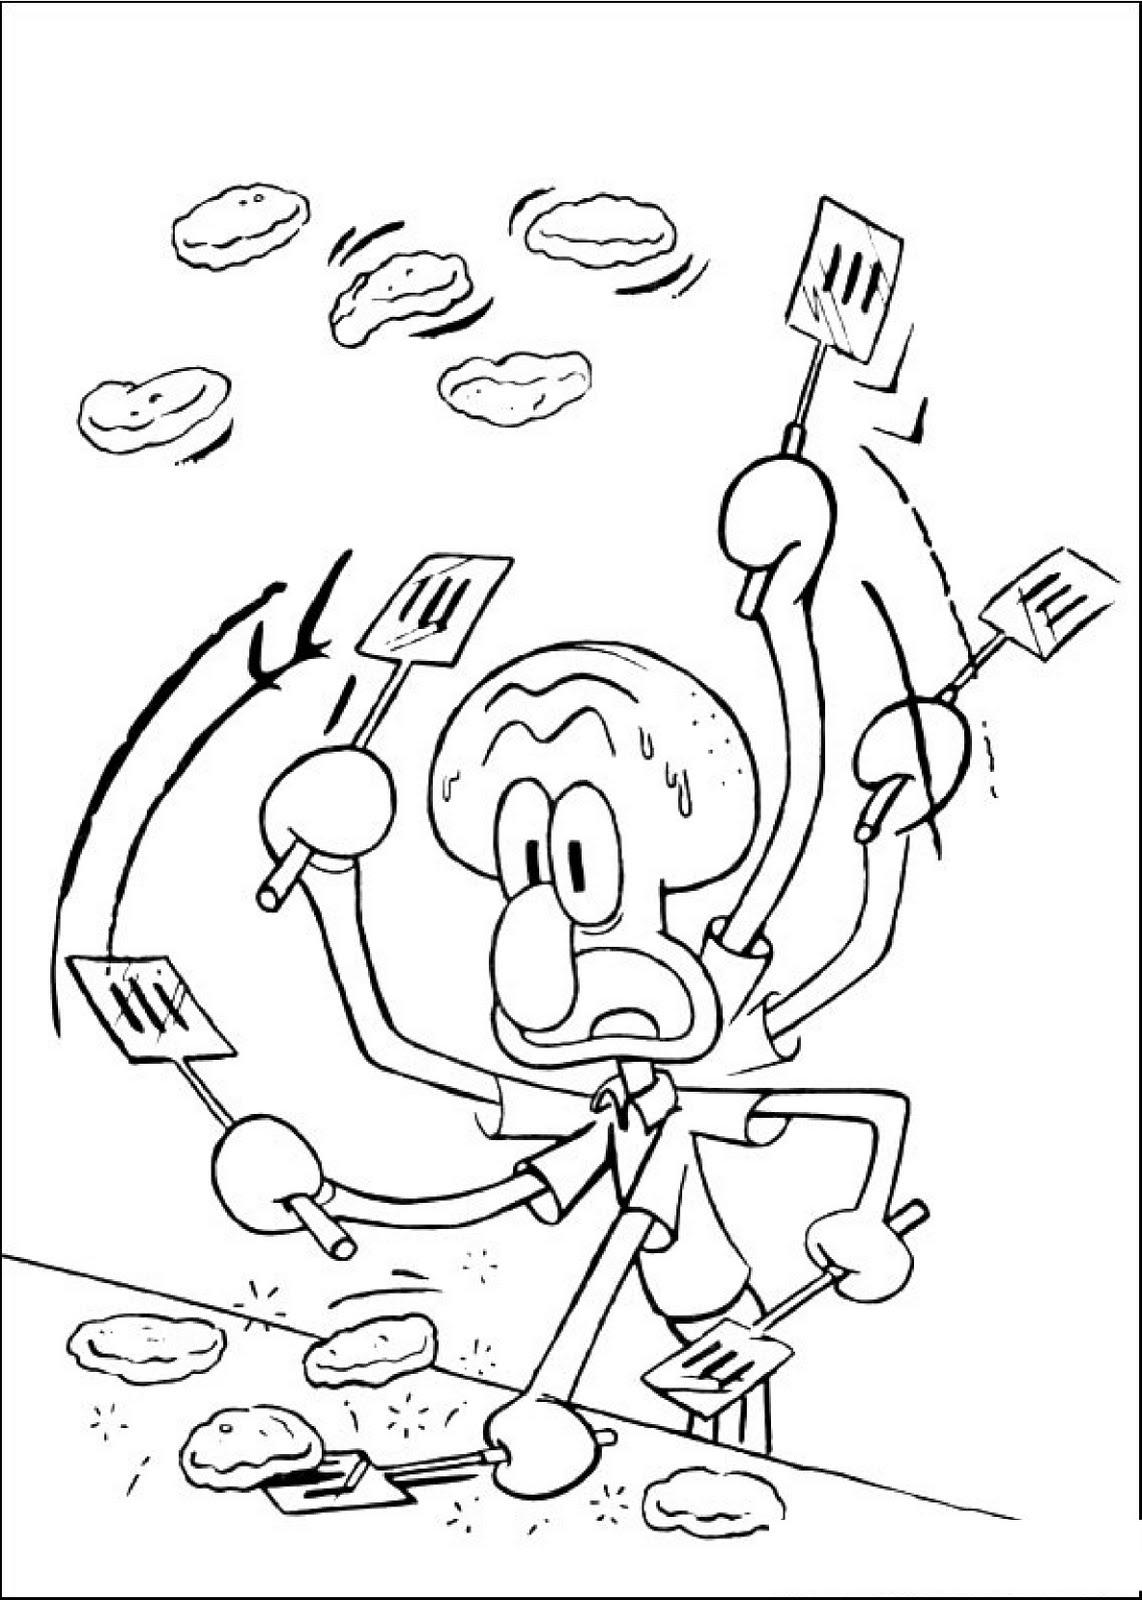 Dibujo para imprimir y colorear de Calamardo cocinando de la serie ...